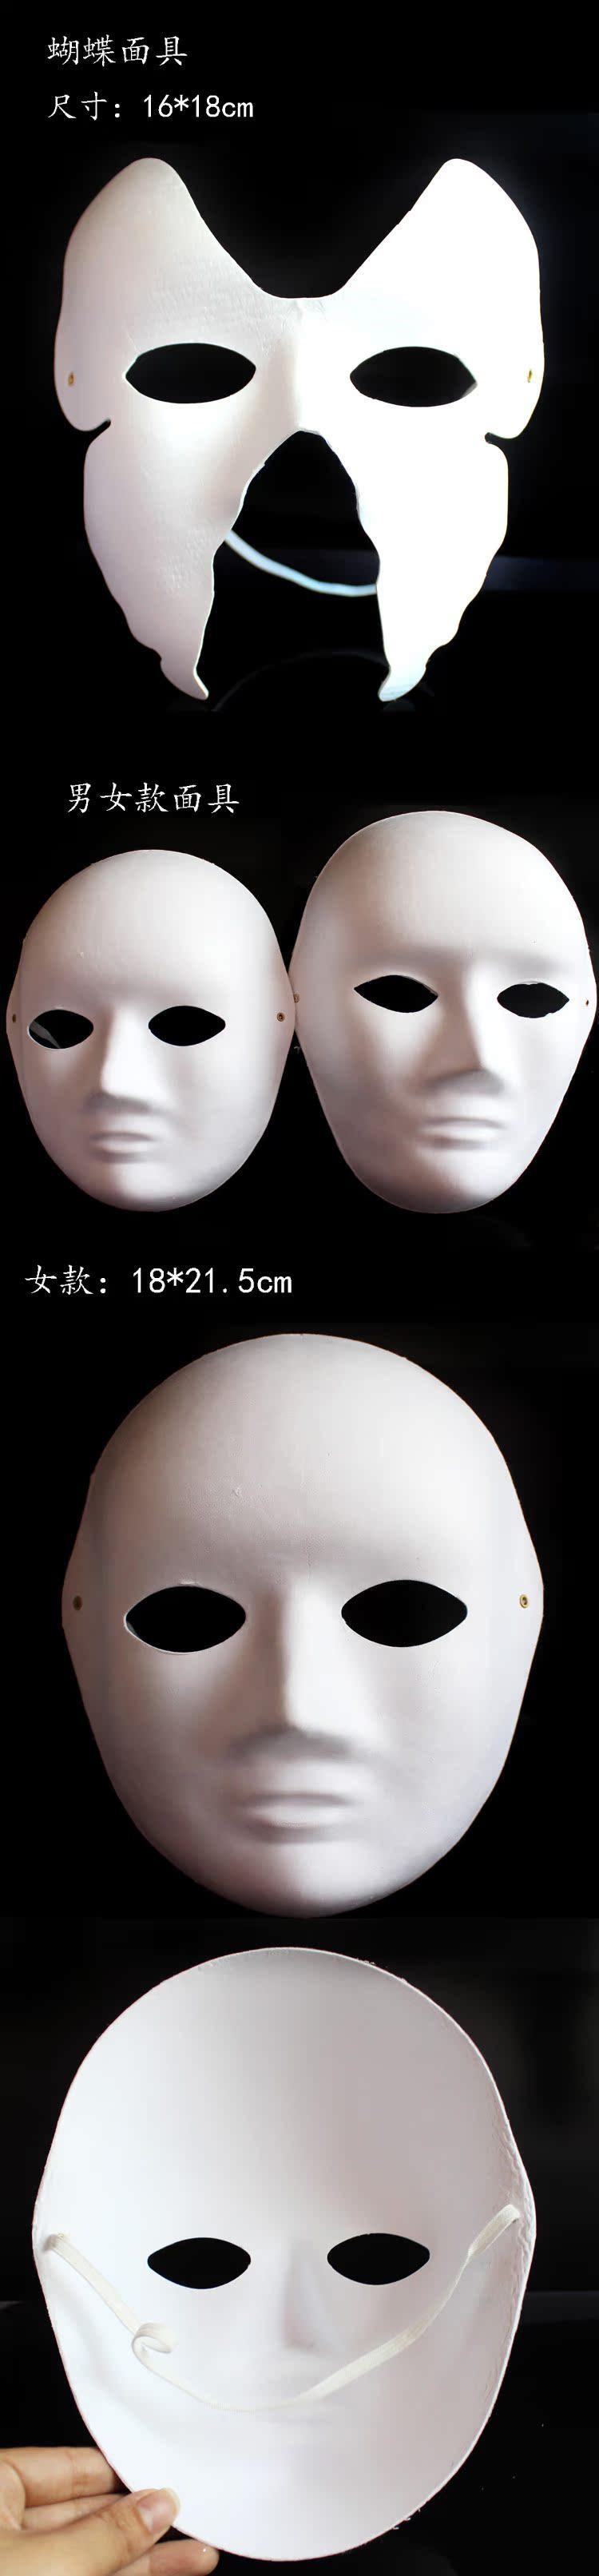 寻奇diy环保纸浆涂色面具 手绘狐狸面具 手绘diy纯白京剧面具